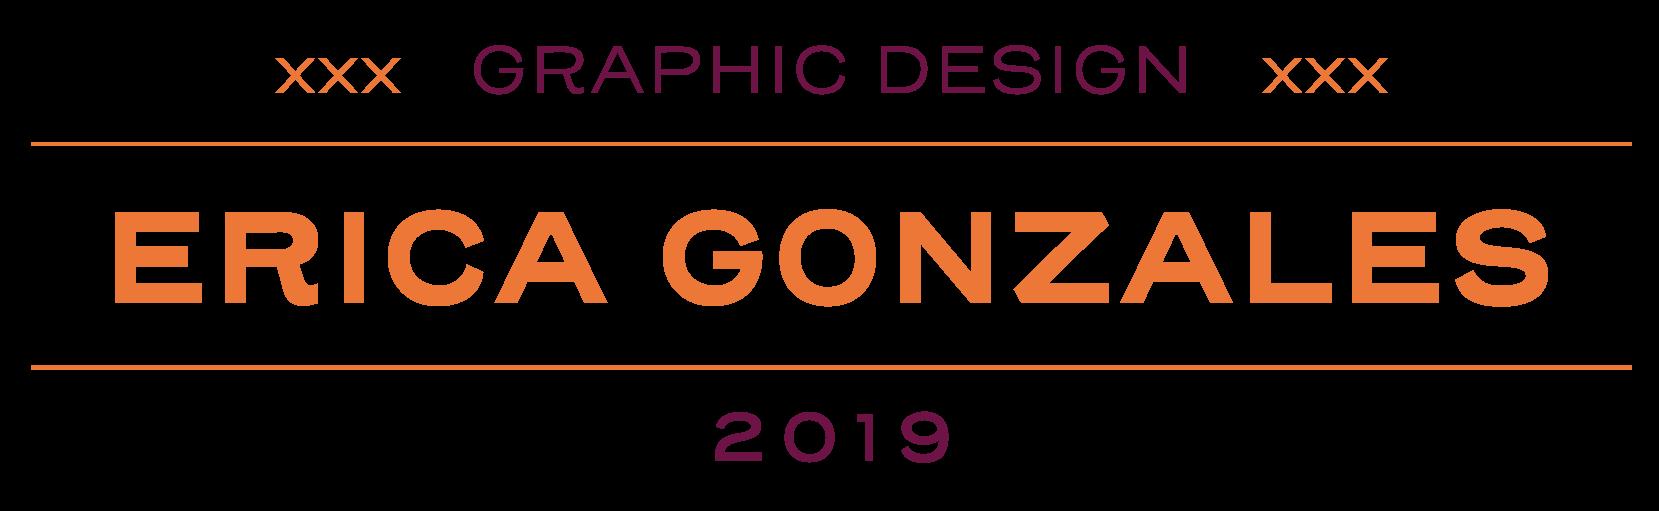 Erica Gonzales